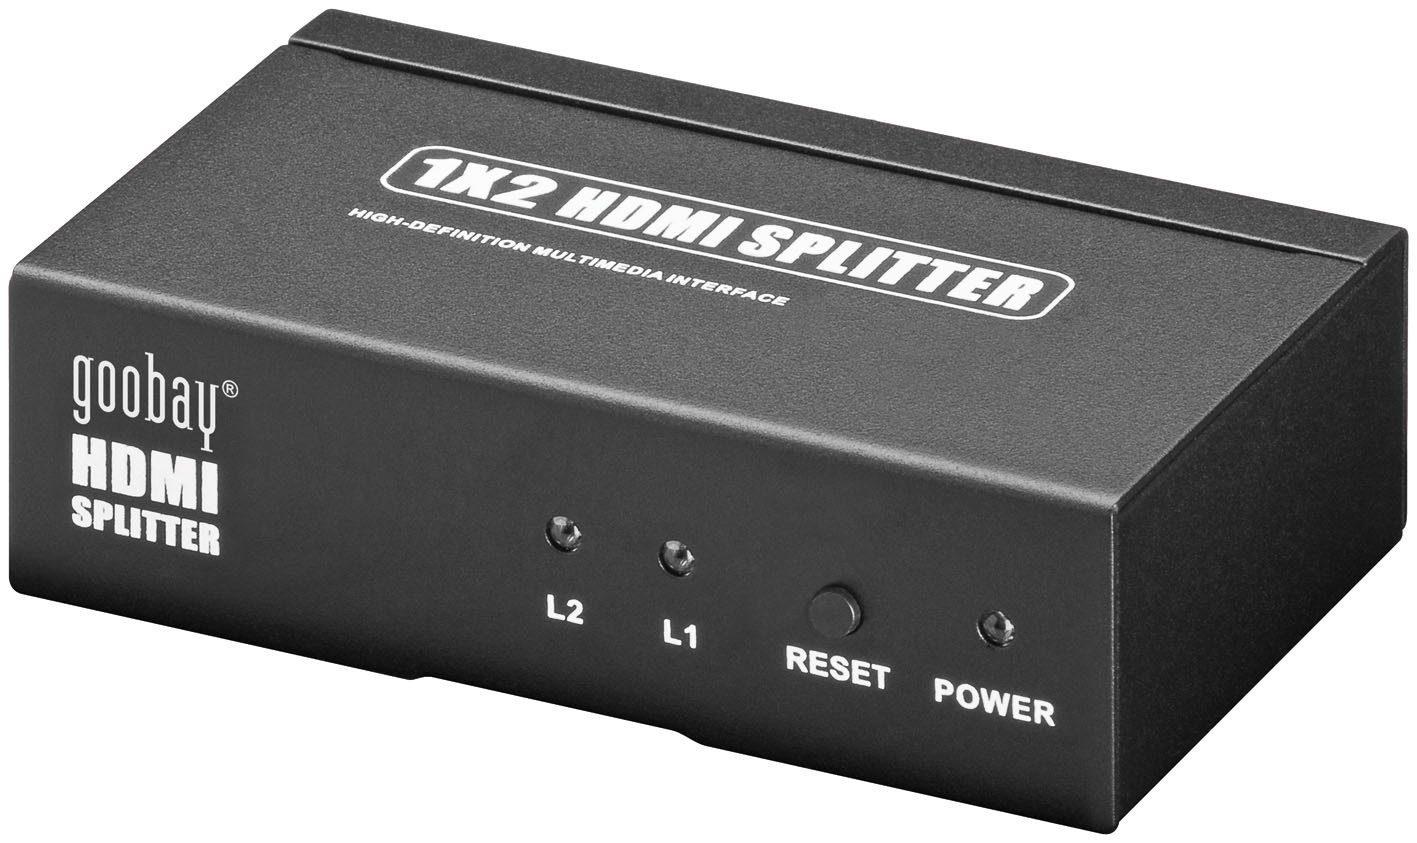 goobay HDMI Splitter 1 x 2 »Übertragung eines HDMI Signals auf 2 TVs«